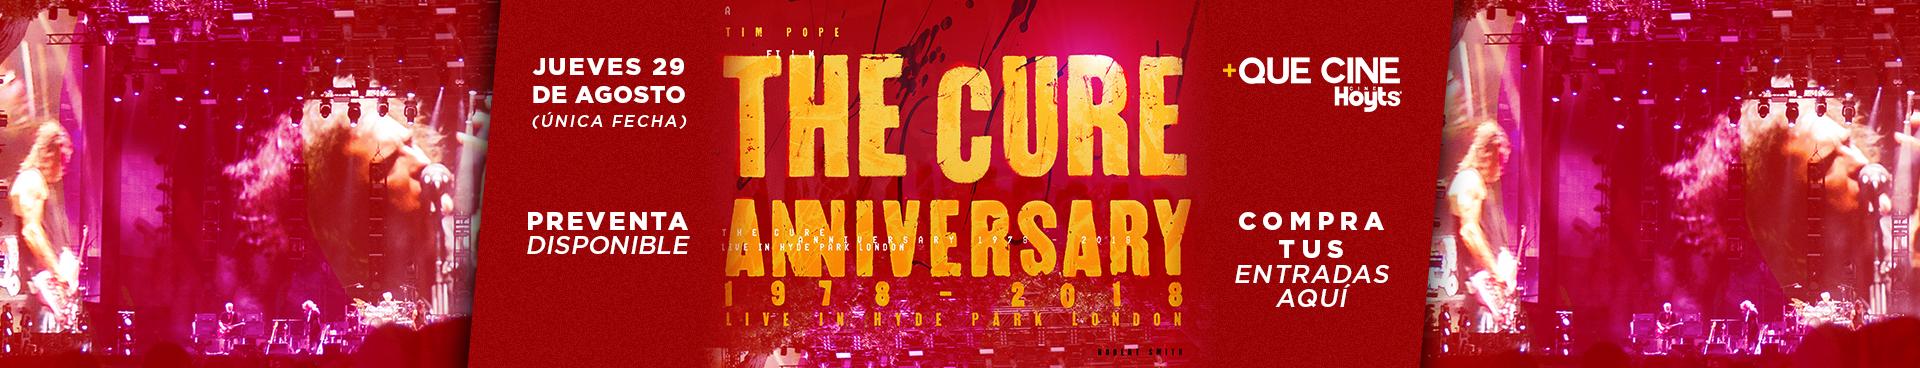 PREVENTA +QUE CINE: THE CURE ANNIVERSARY CURE 1978 - 2018, JUEVES 29 DE AGOSTO + CINES. COMPRA AQUÍ TUS ENTRADAS